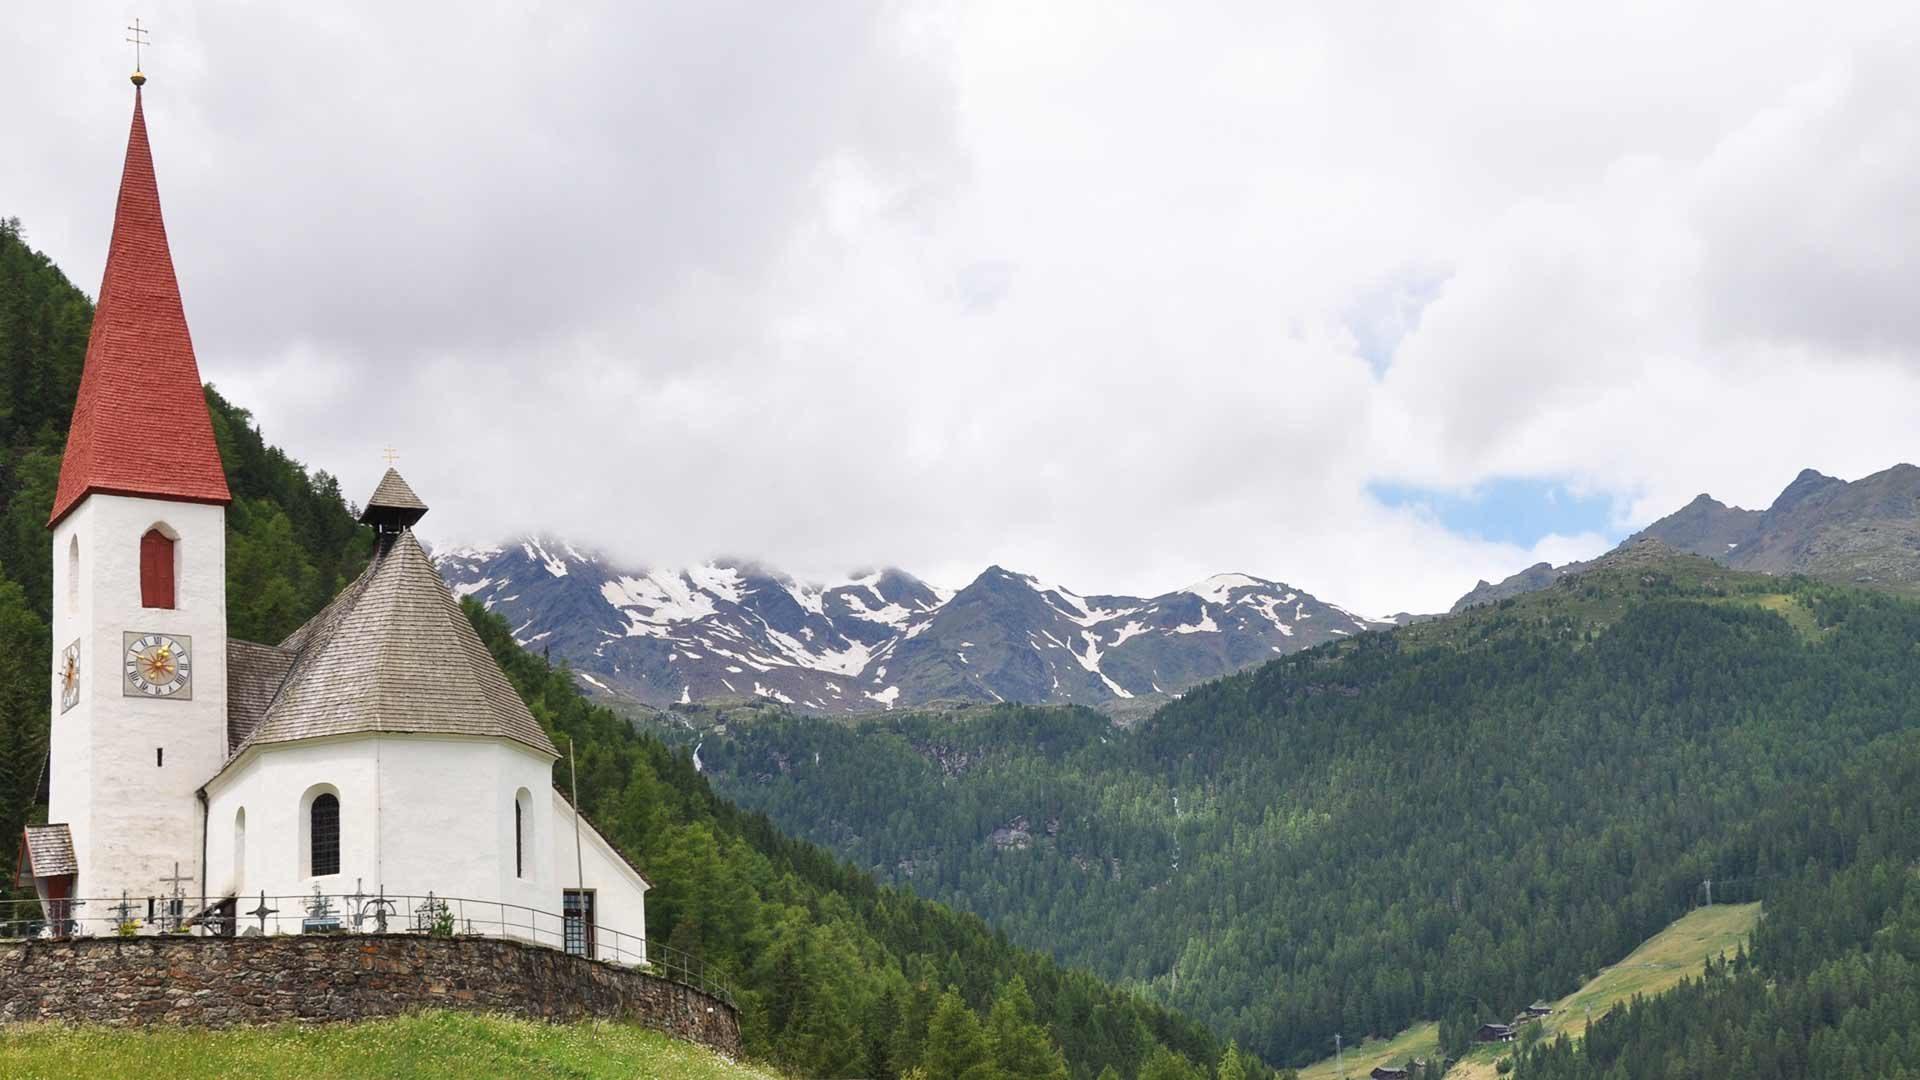 Pfarrkirche von Ulten